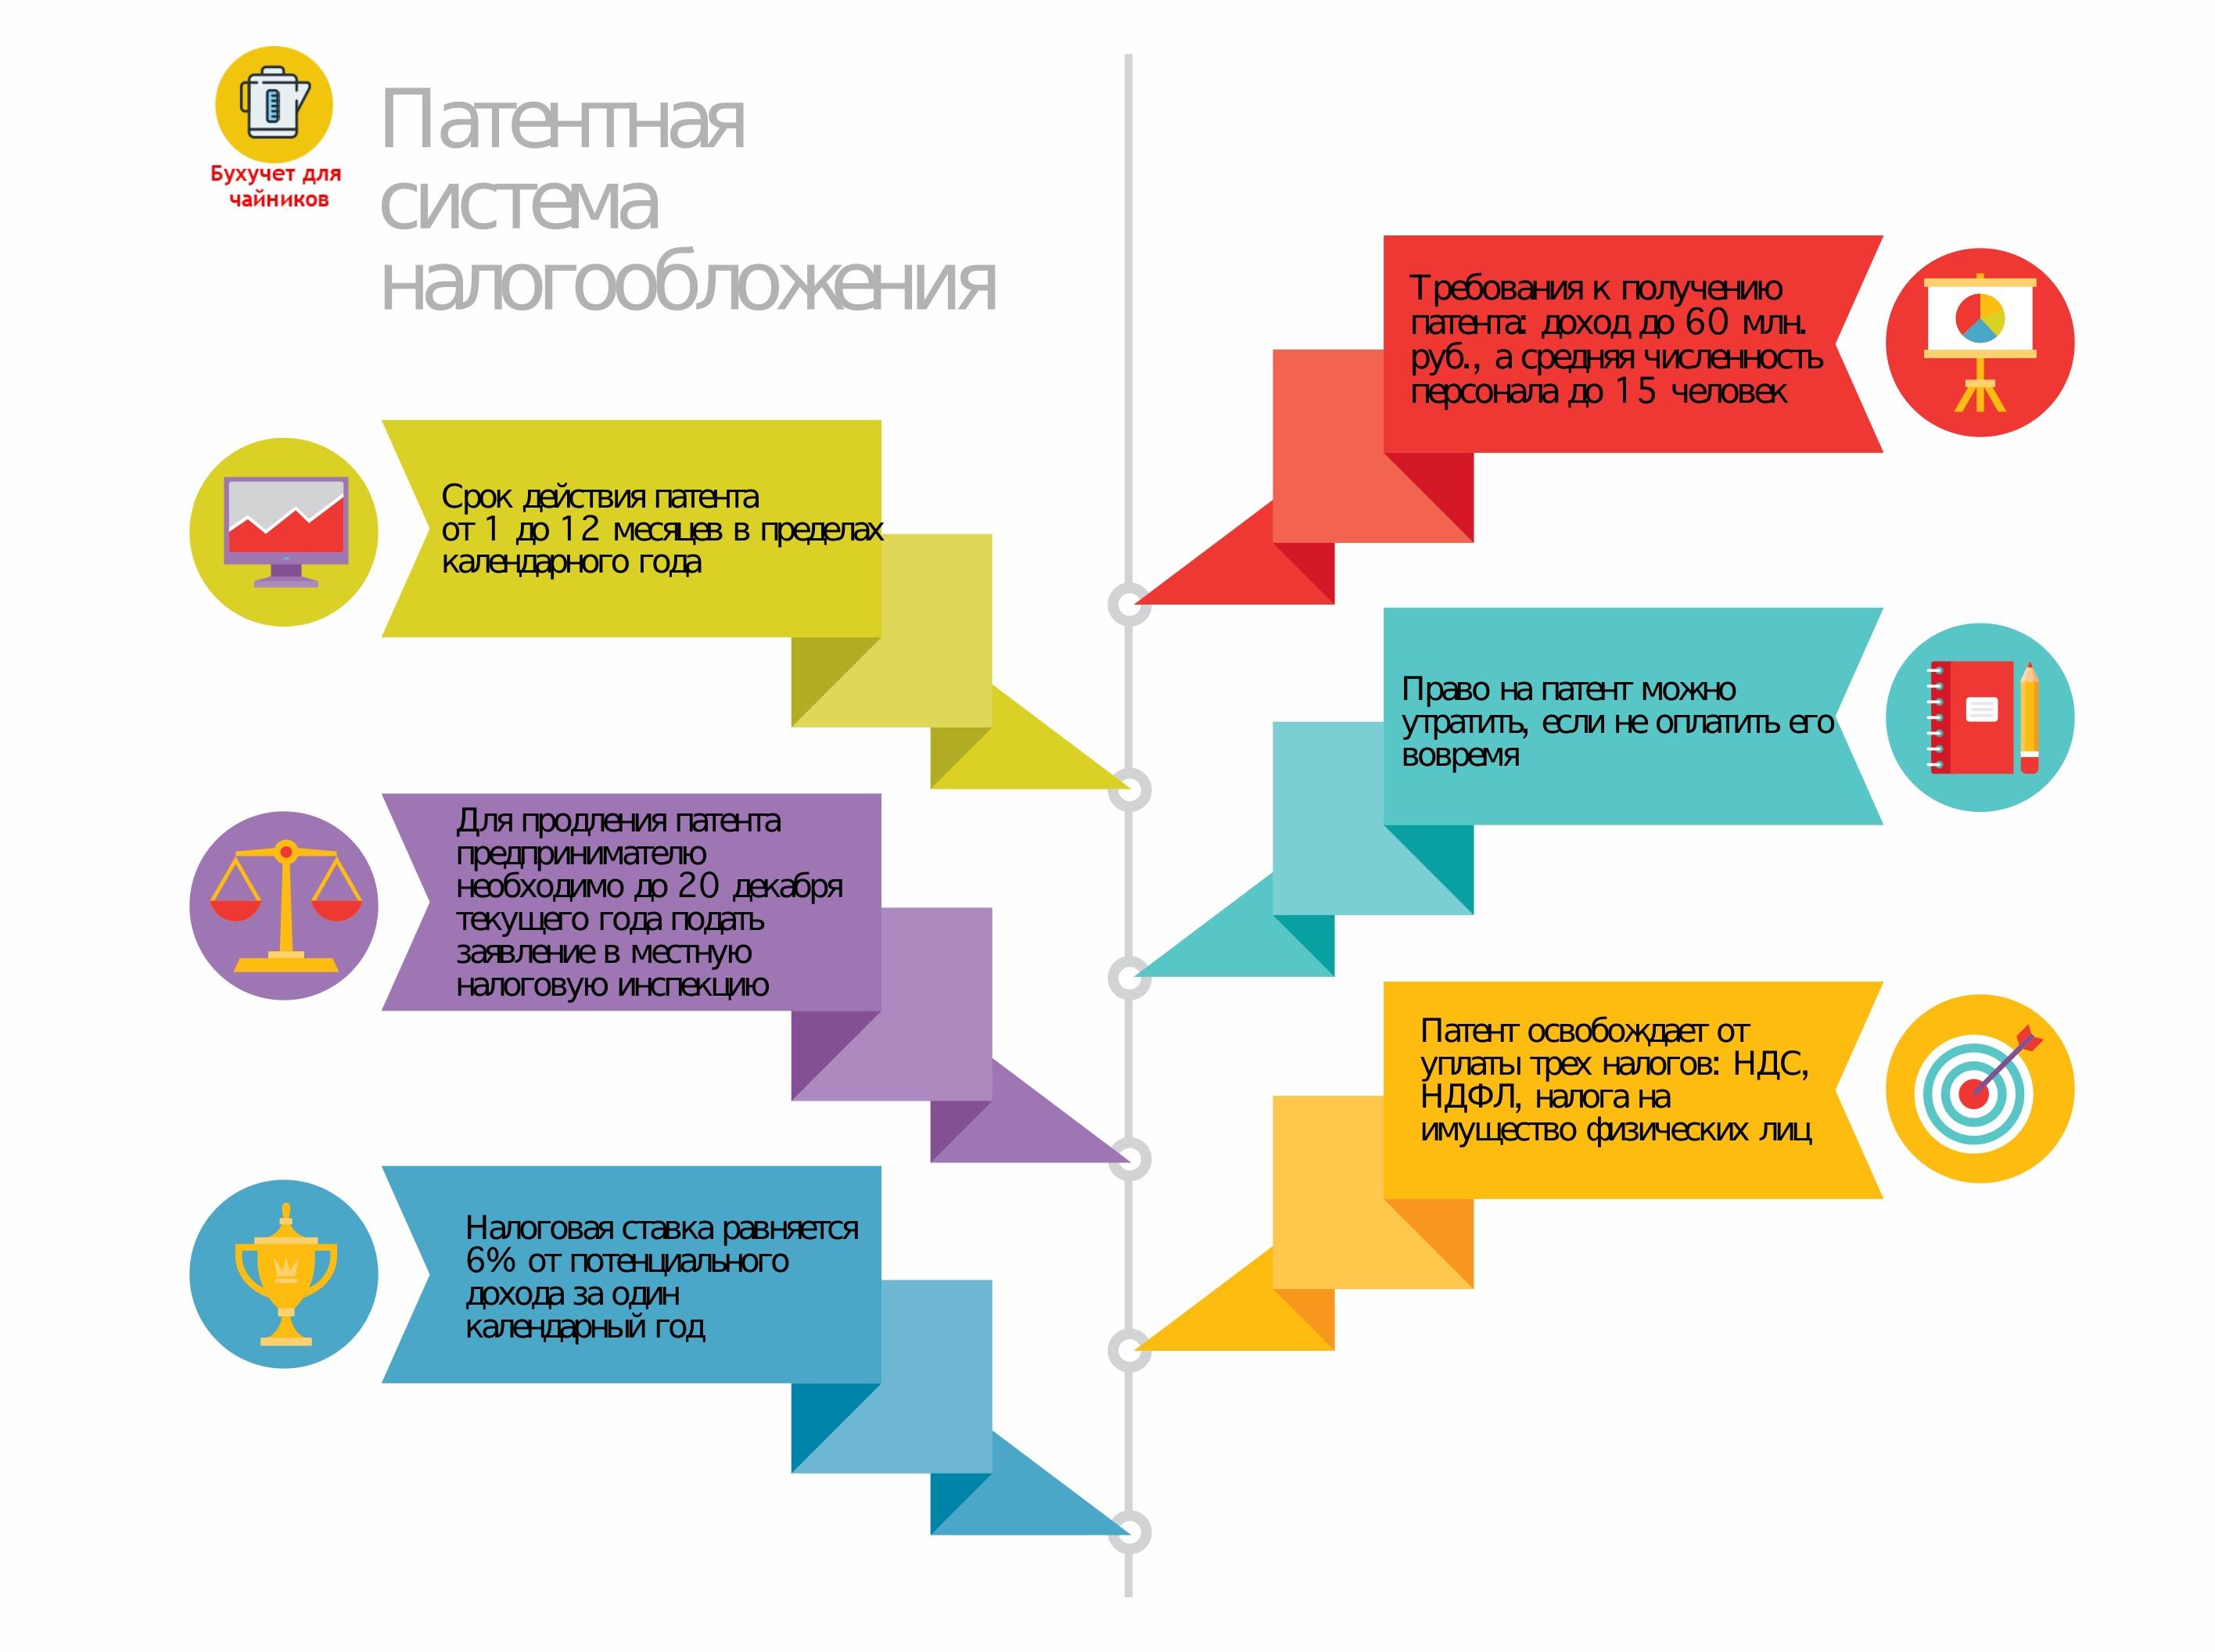 Патентная система: инфографика